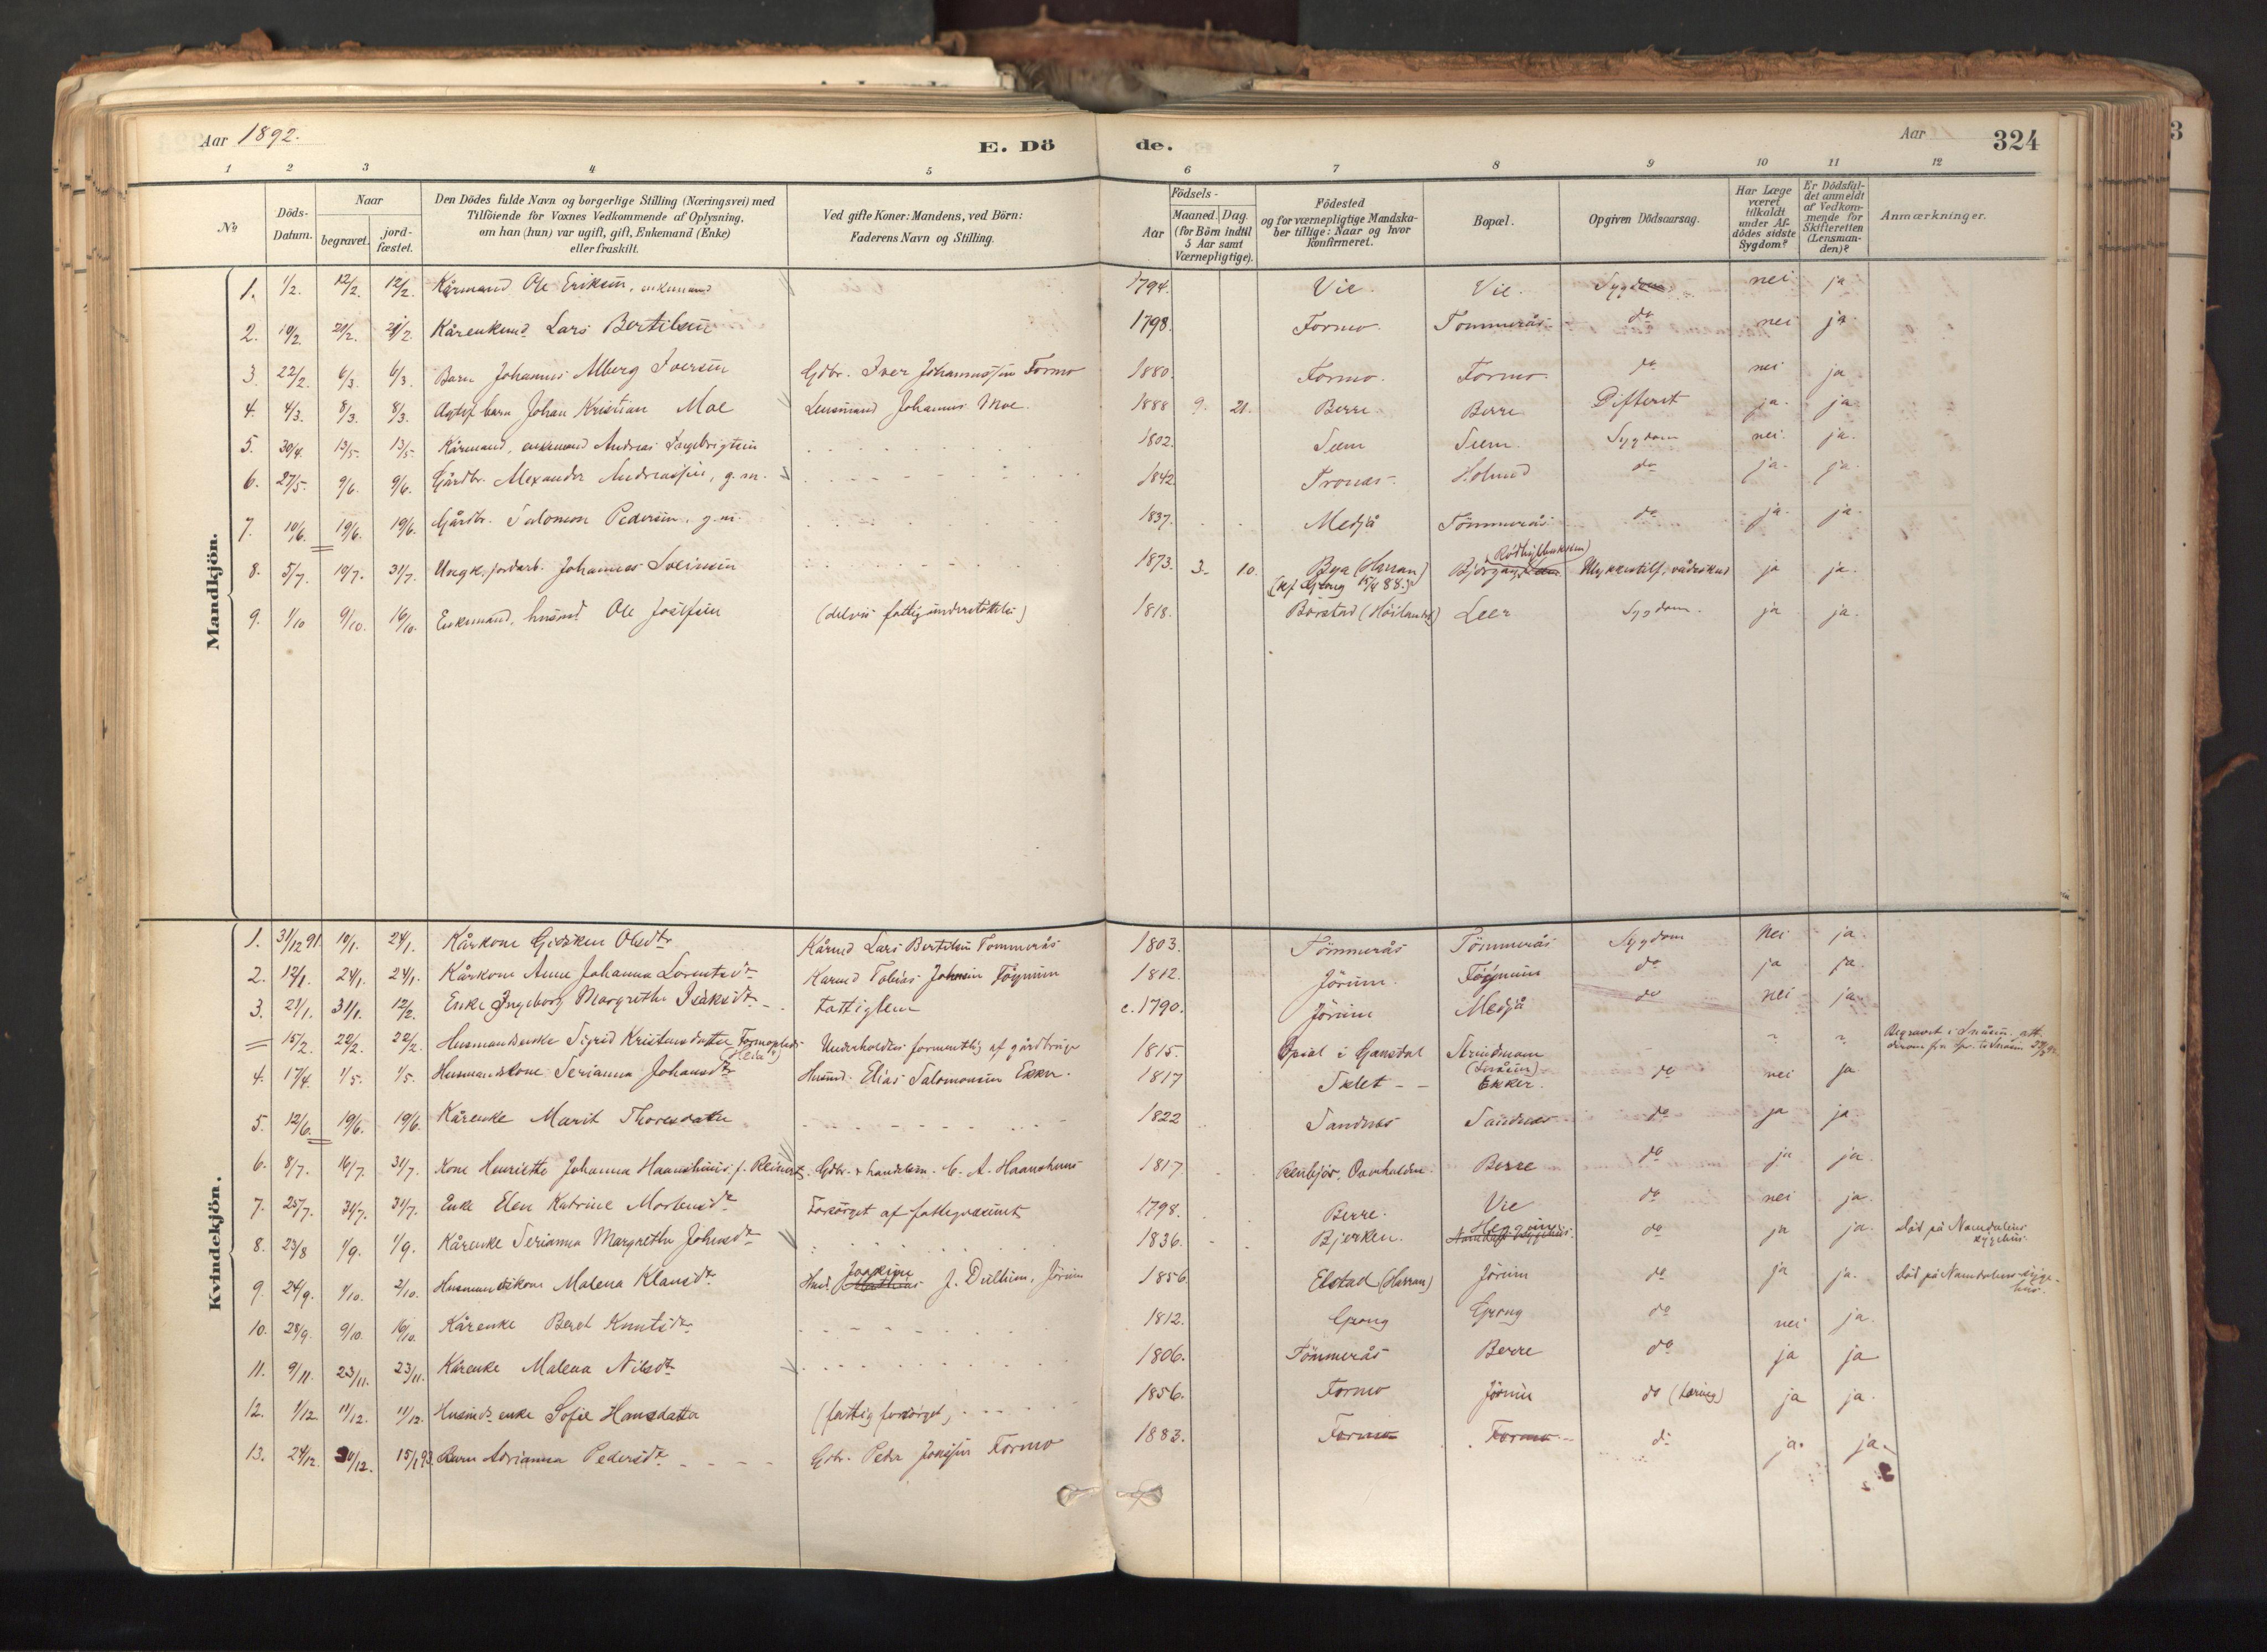 SAT, Ministerialprotokoller, klokkerbøker og fødselsregistre - Nord-Trøndelag, 758/L0519: Ministerialbok nr. 758A04, 1880-1926, s. 324